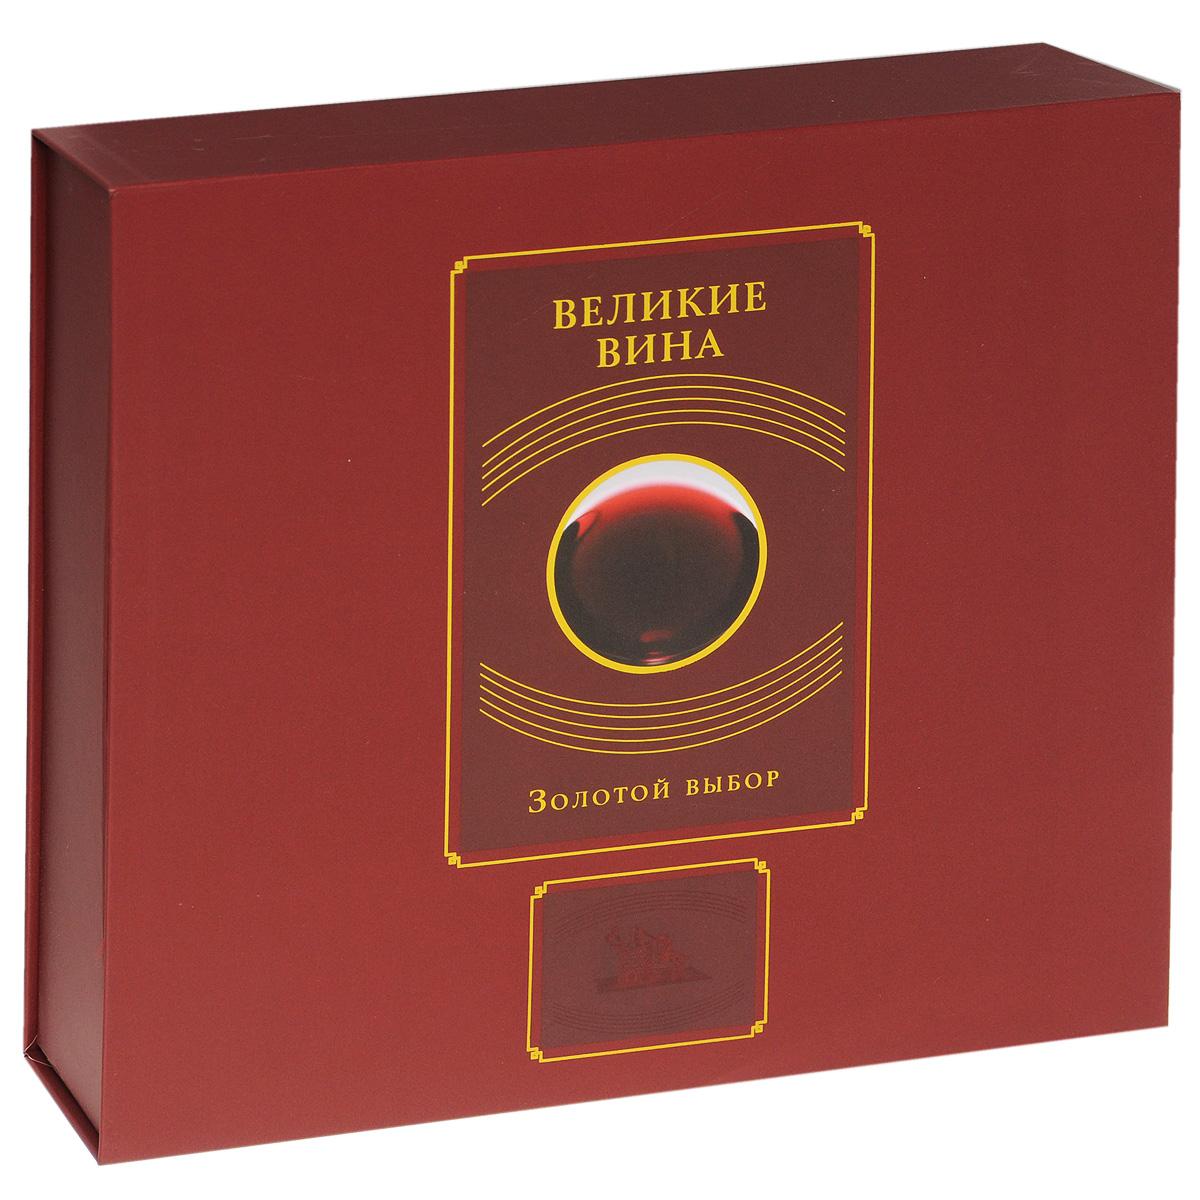 Великие вина. Золотой выбор  (подарочный набор), Ирина Друбачевская